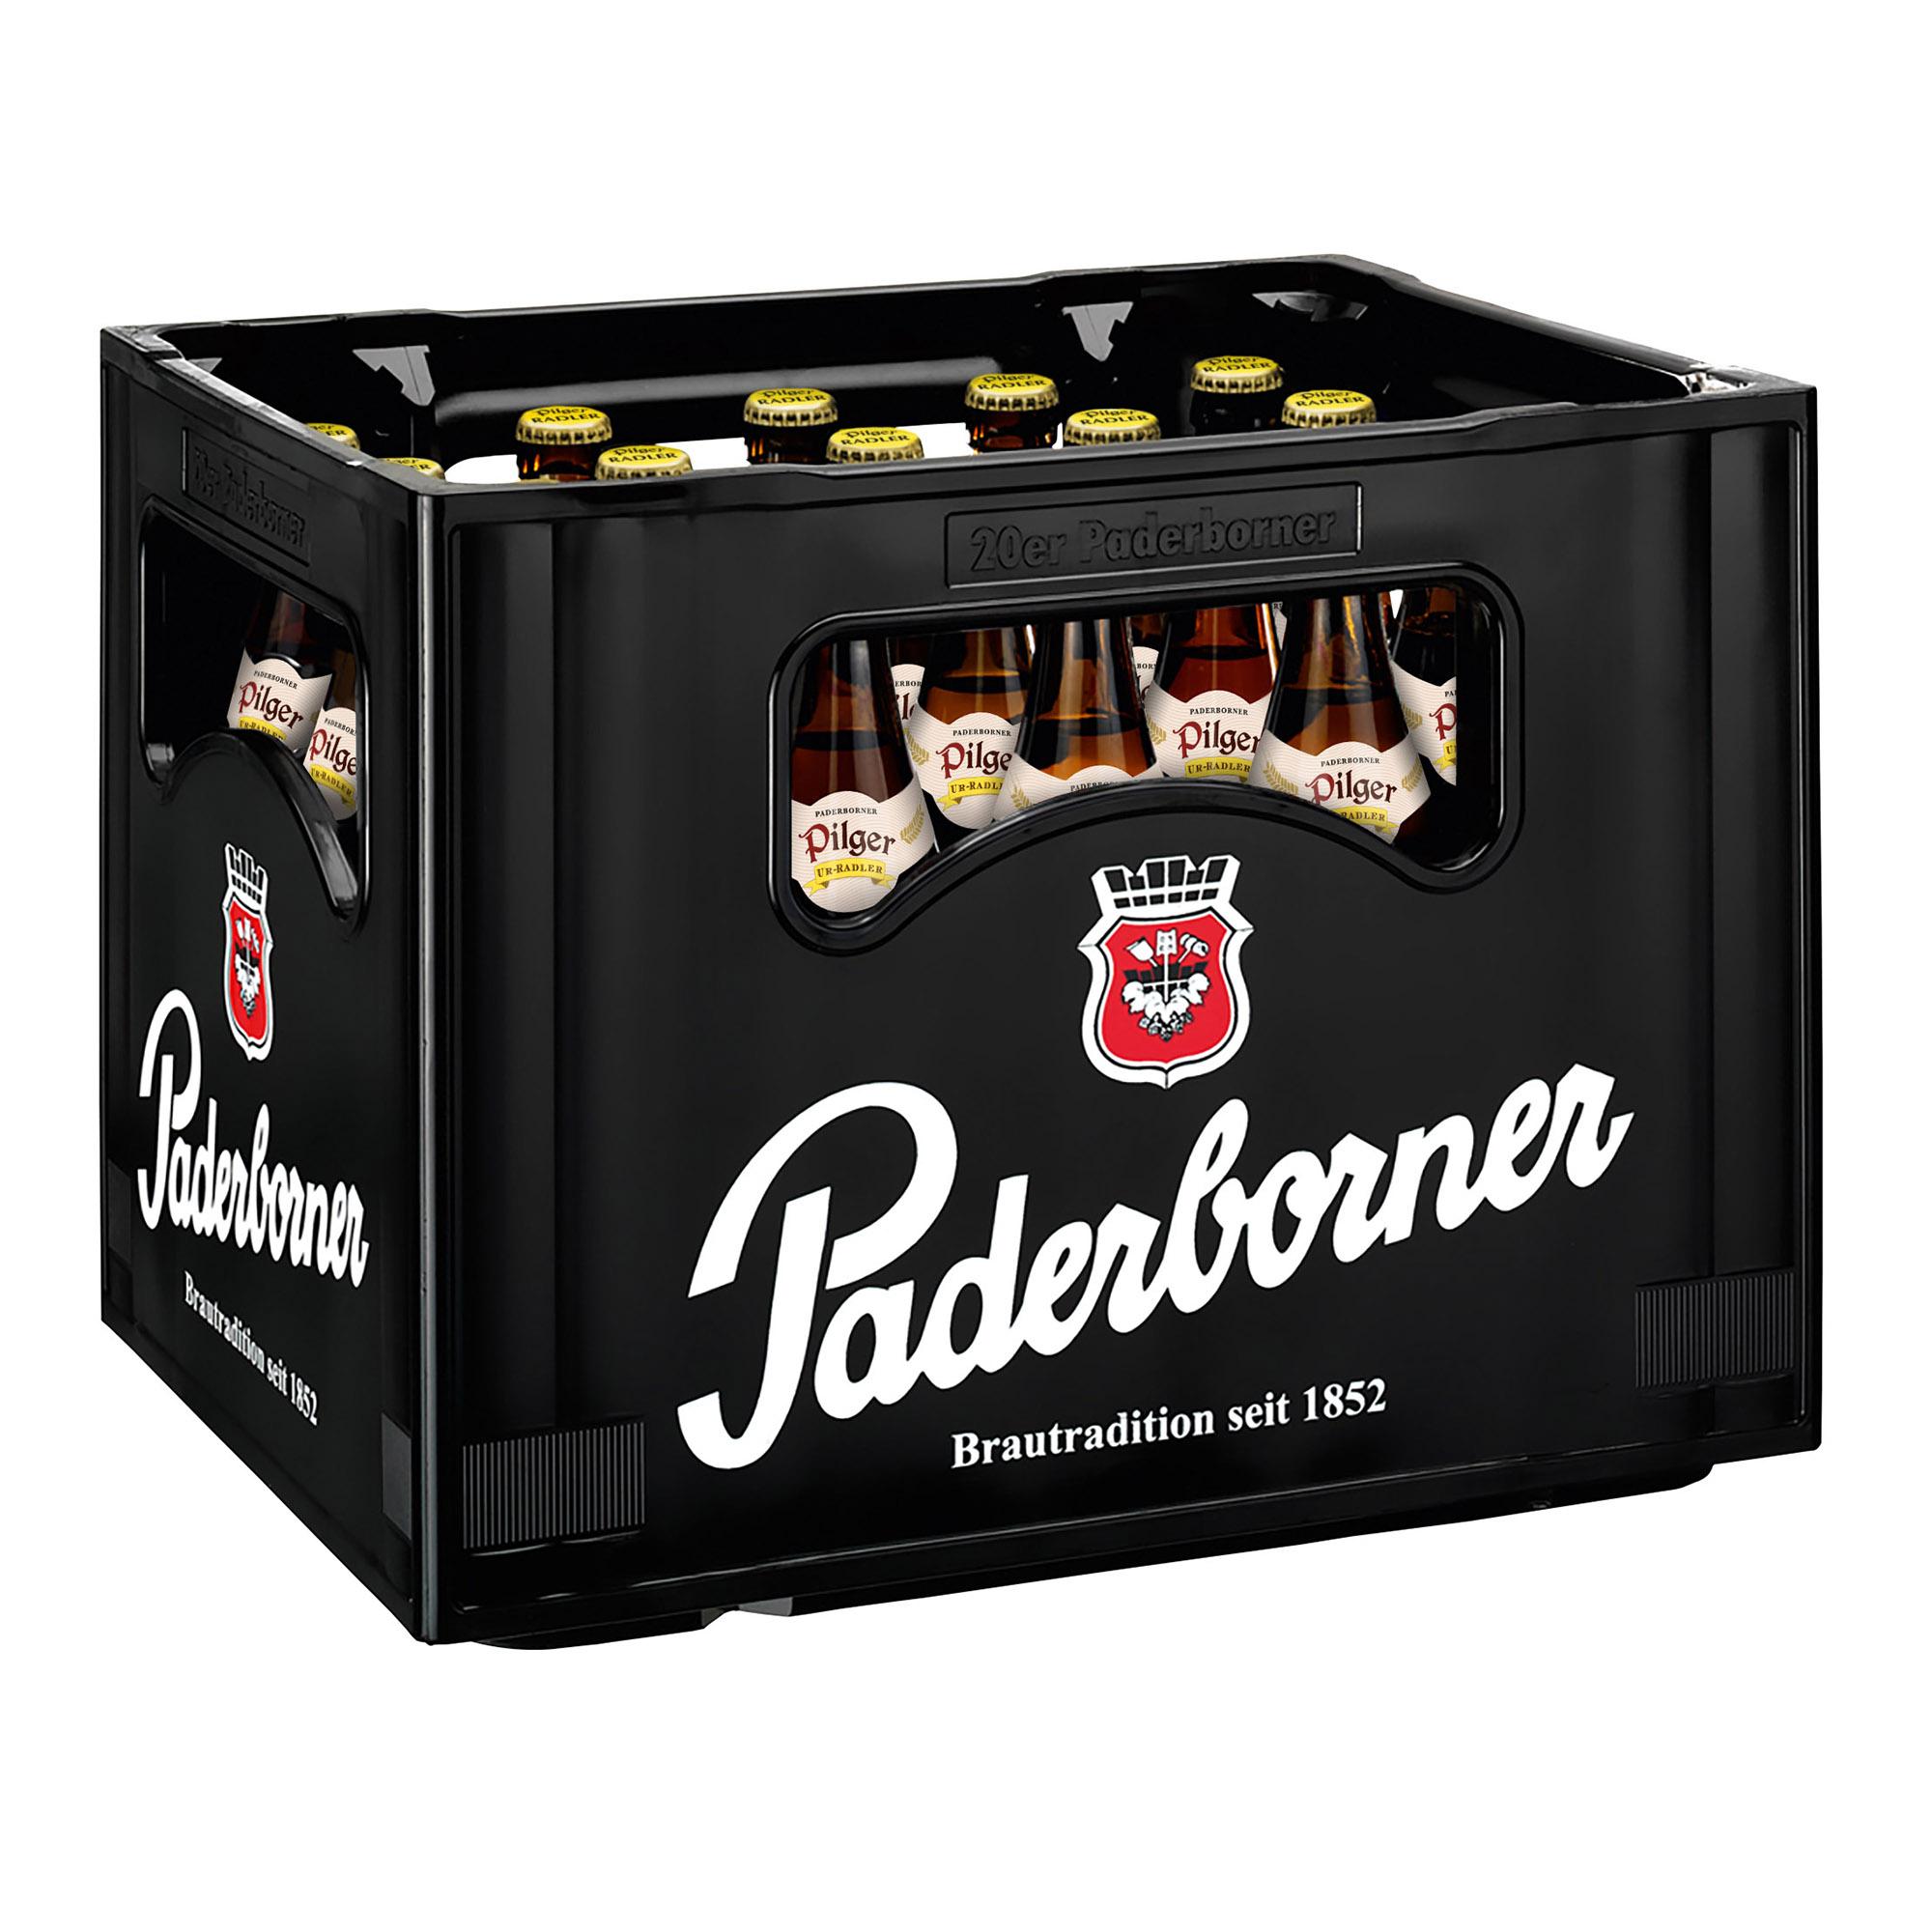 Produktabbildung Paderborner Pilger Ur-Radler Kasten 20 x 0,5 l